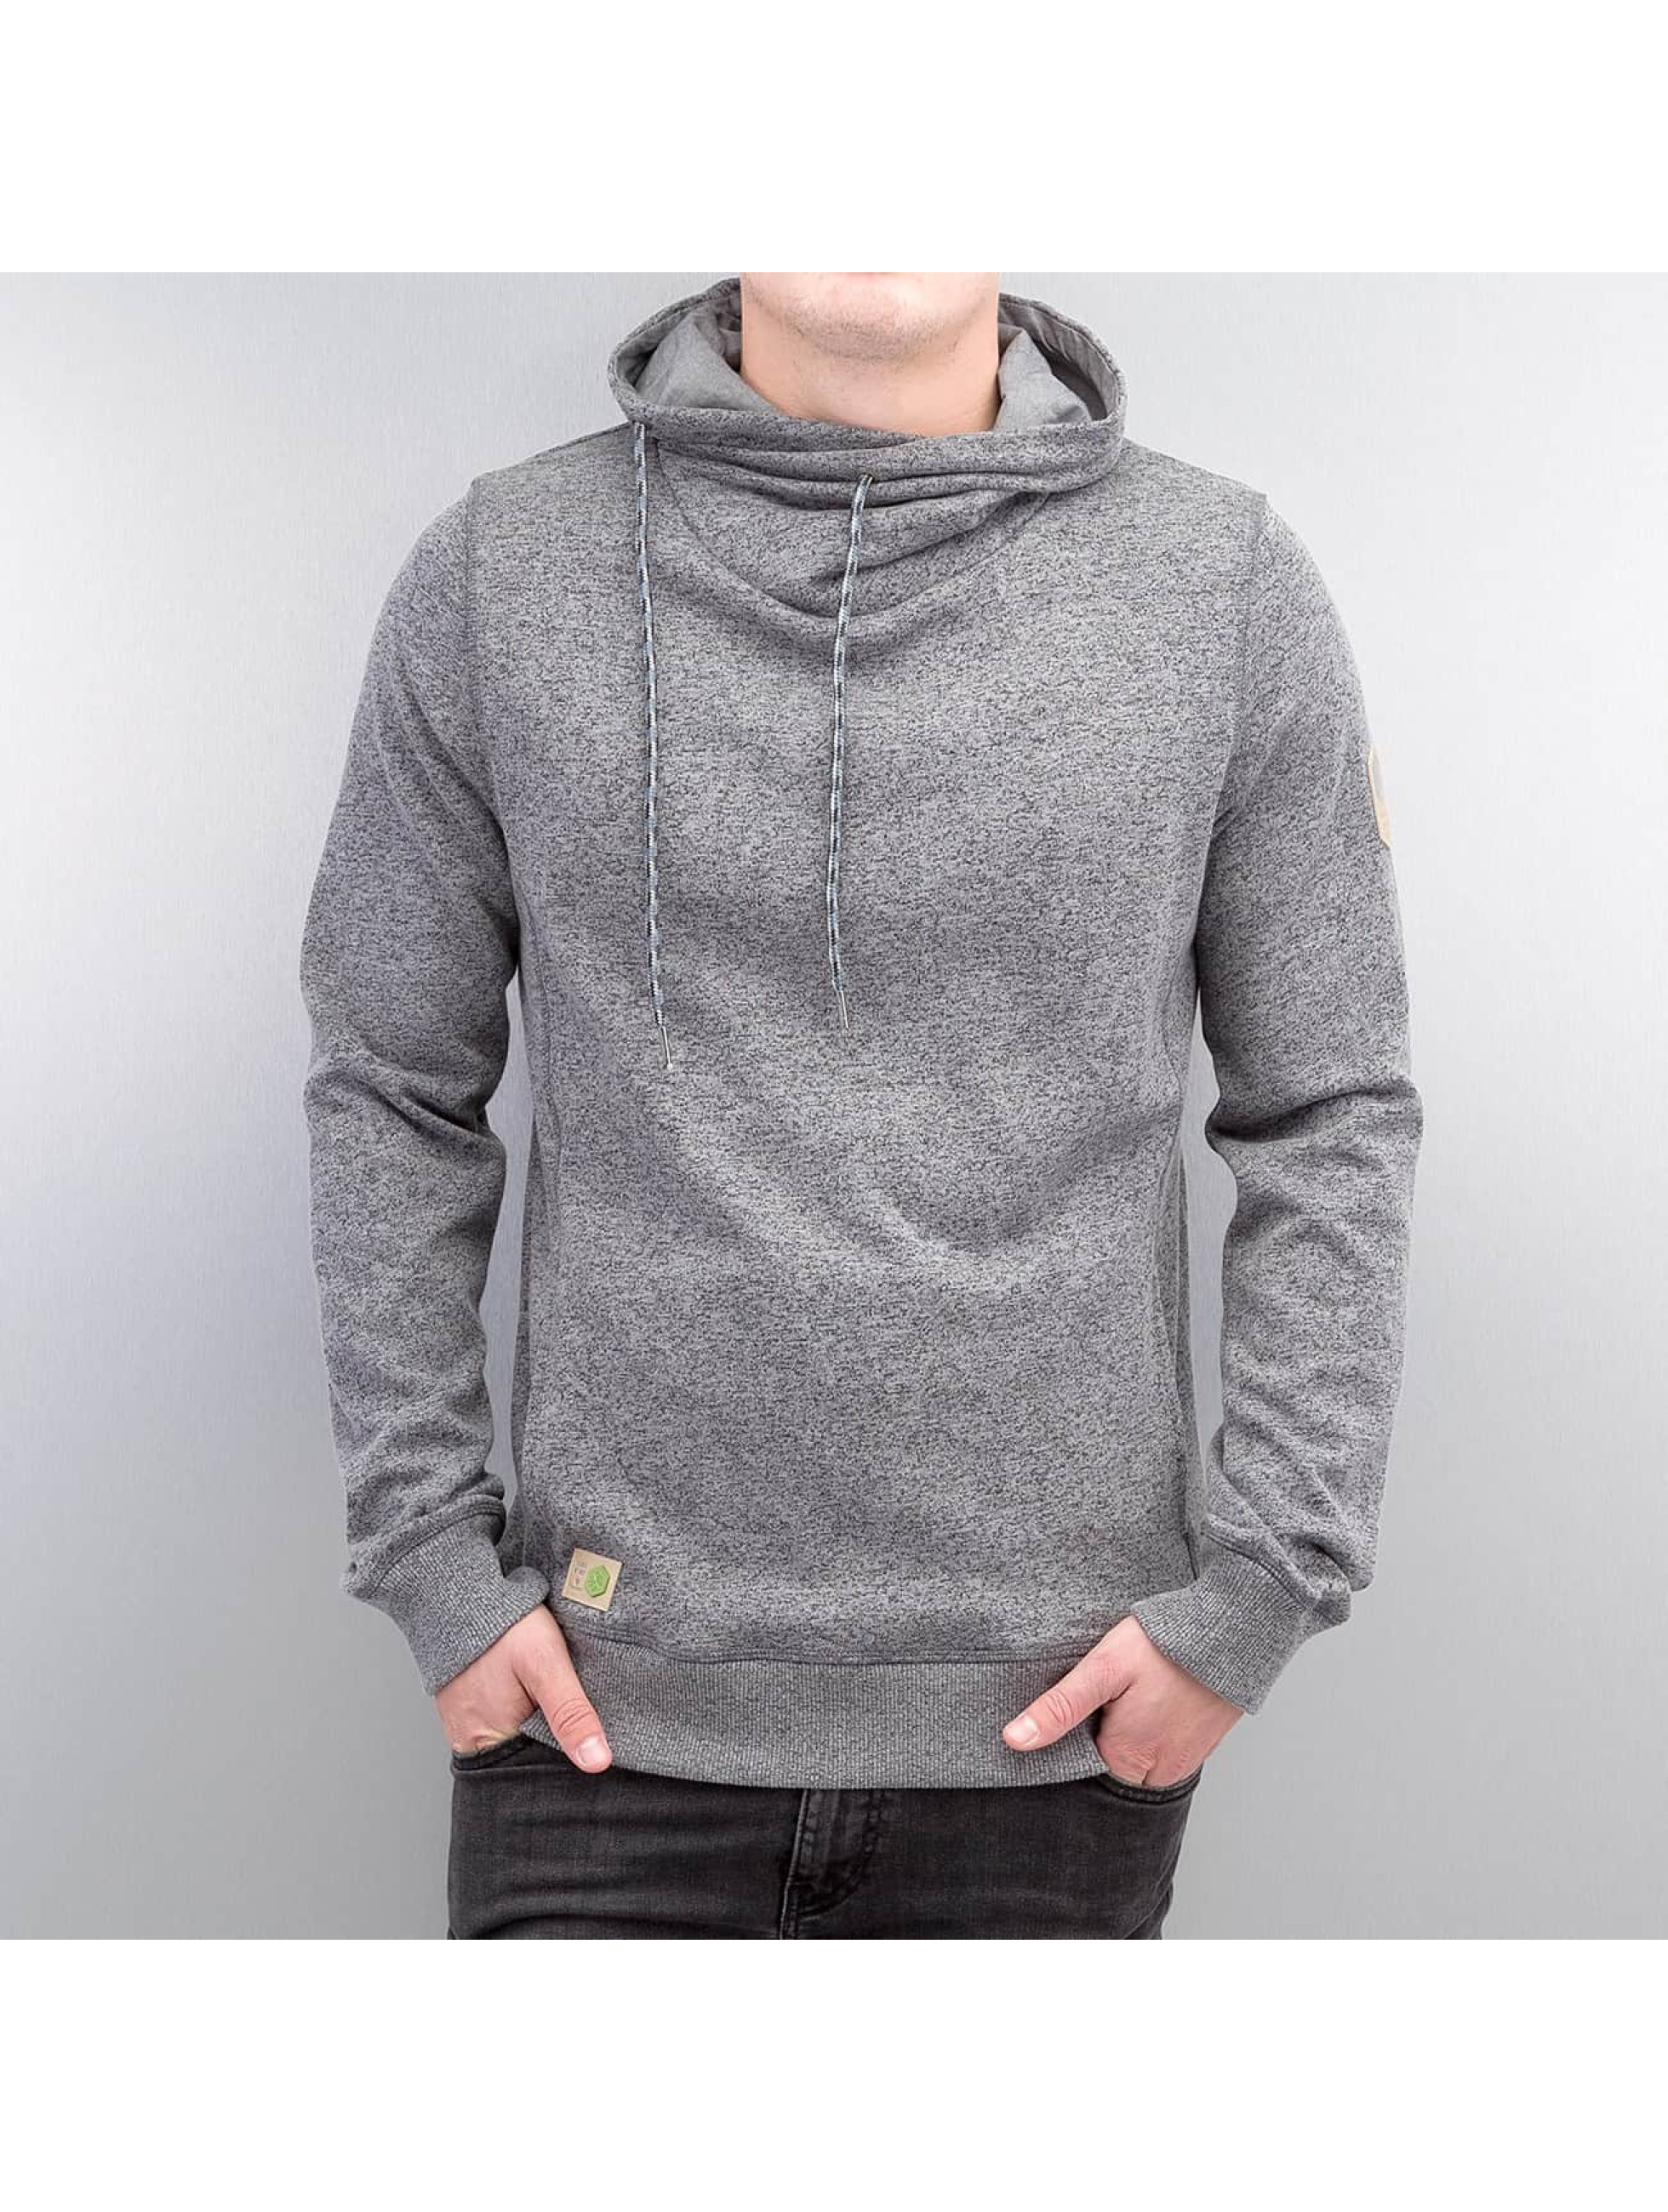 7222dd0a68bca Ragwear   Hooker Organic gris Homme Sweat   Pull Ragwear acheter pas cher  Haut 306522